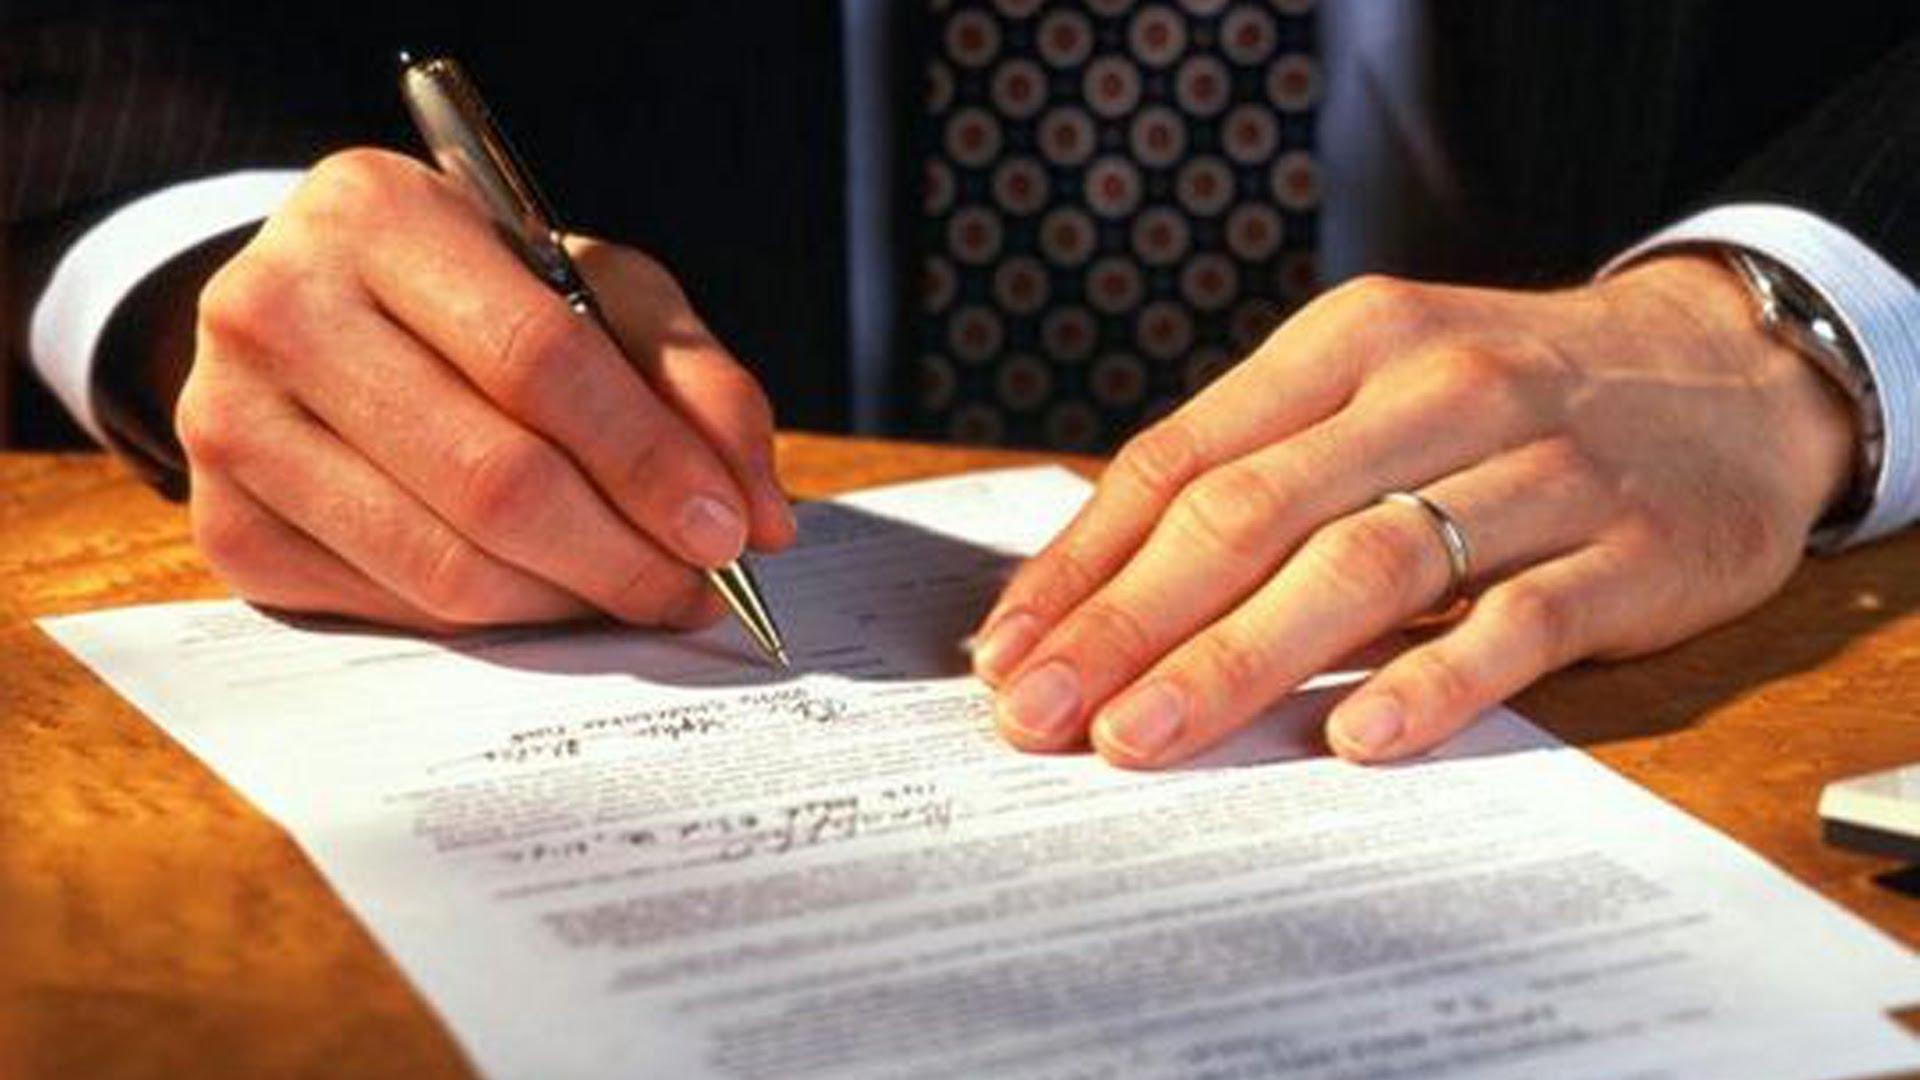 Право на наследование имущества приобретенного до брака | юридическая помощь